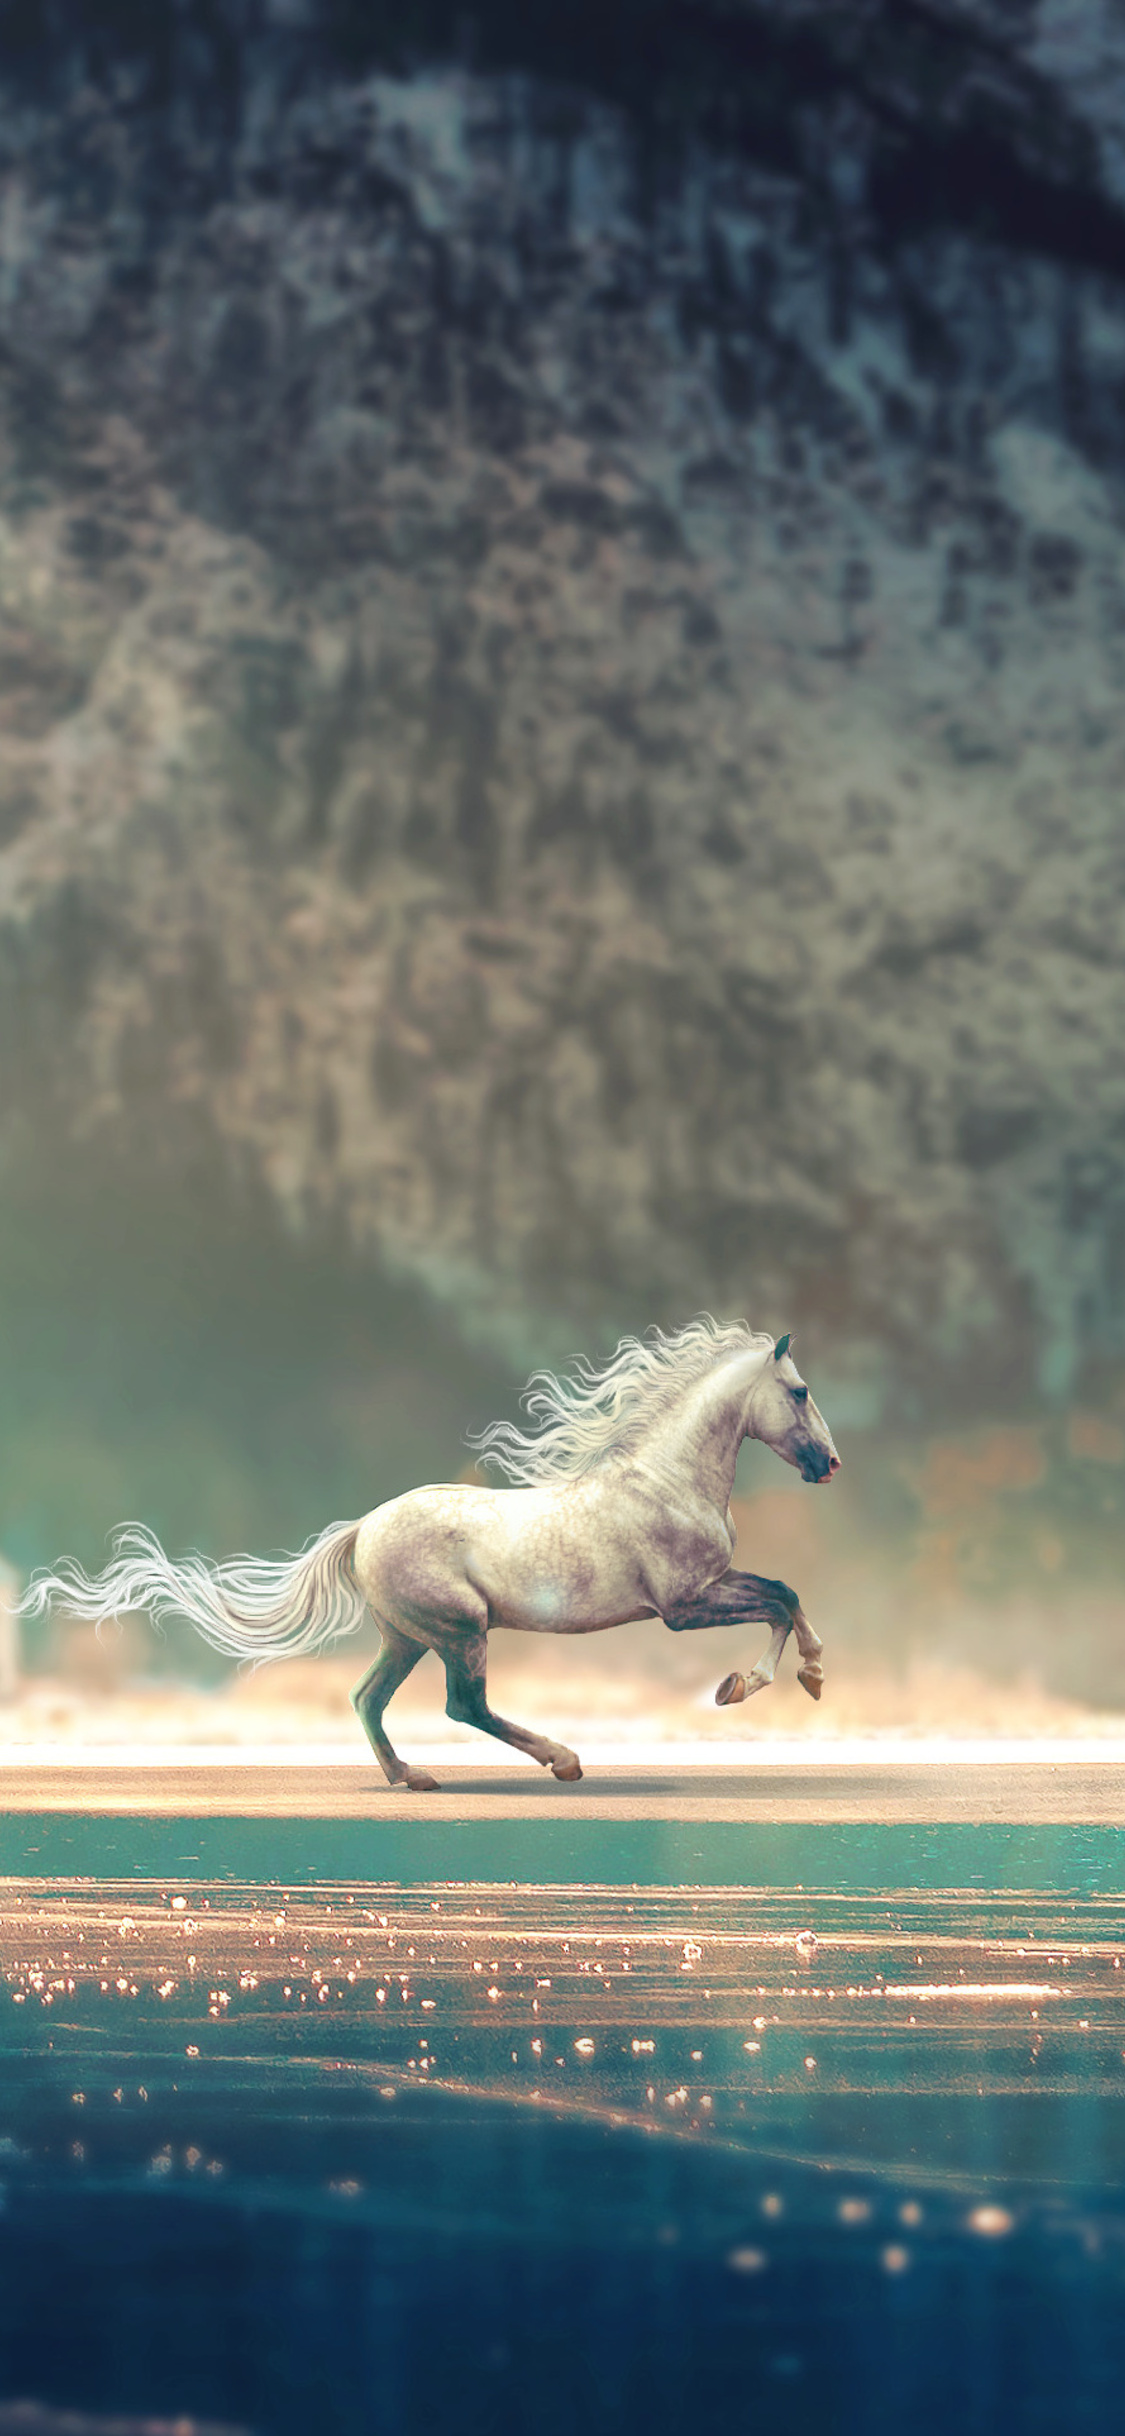 horse-running-fantasy-4k-w3.jpg